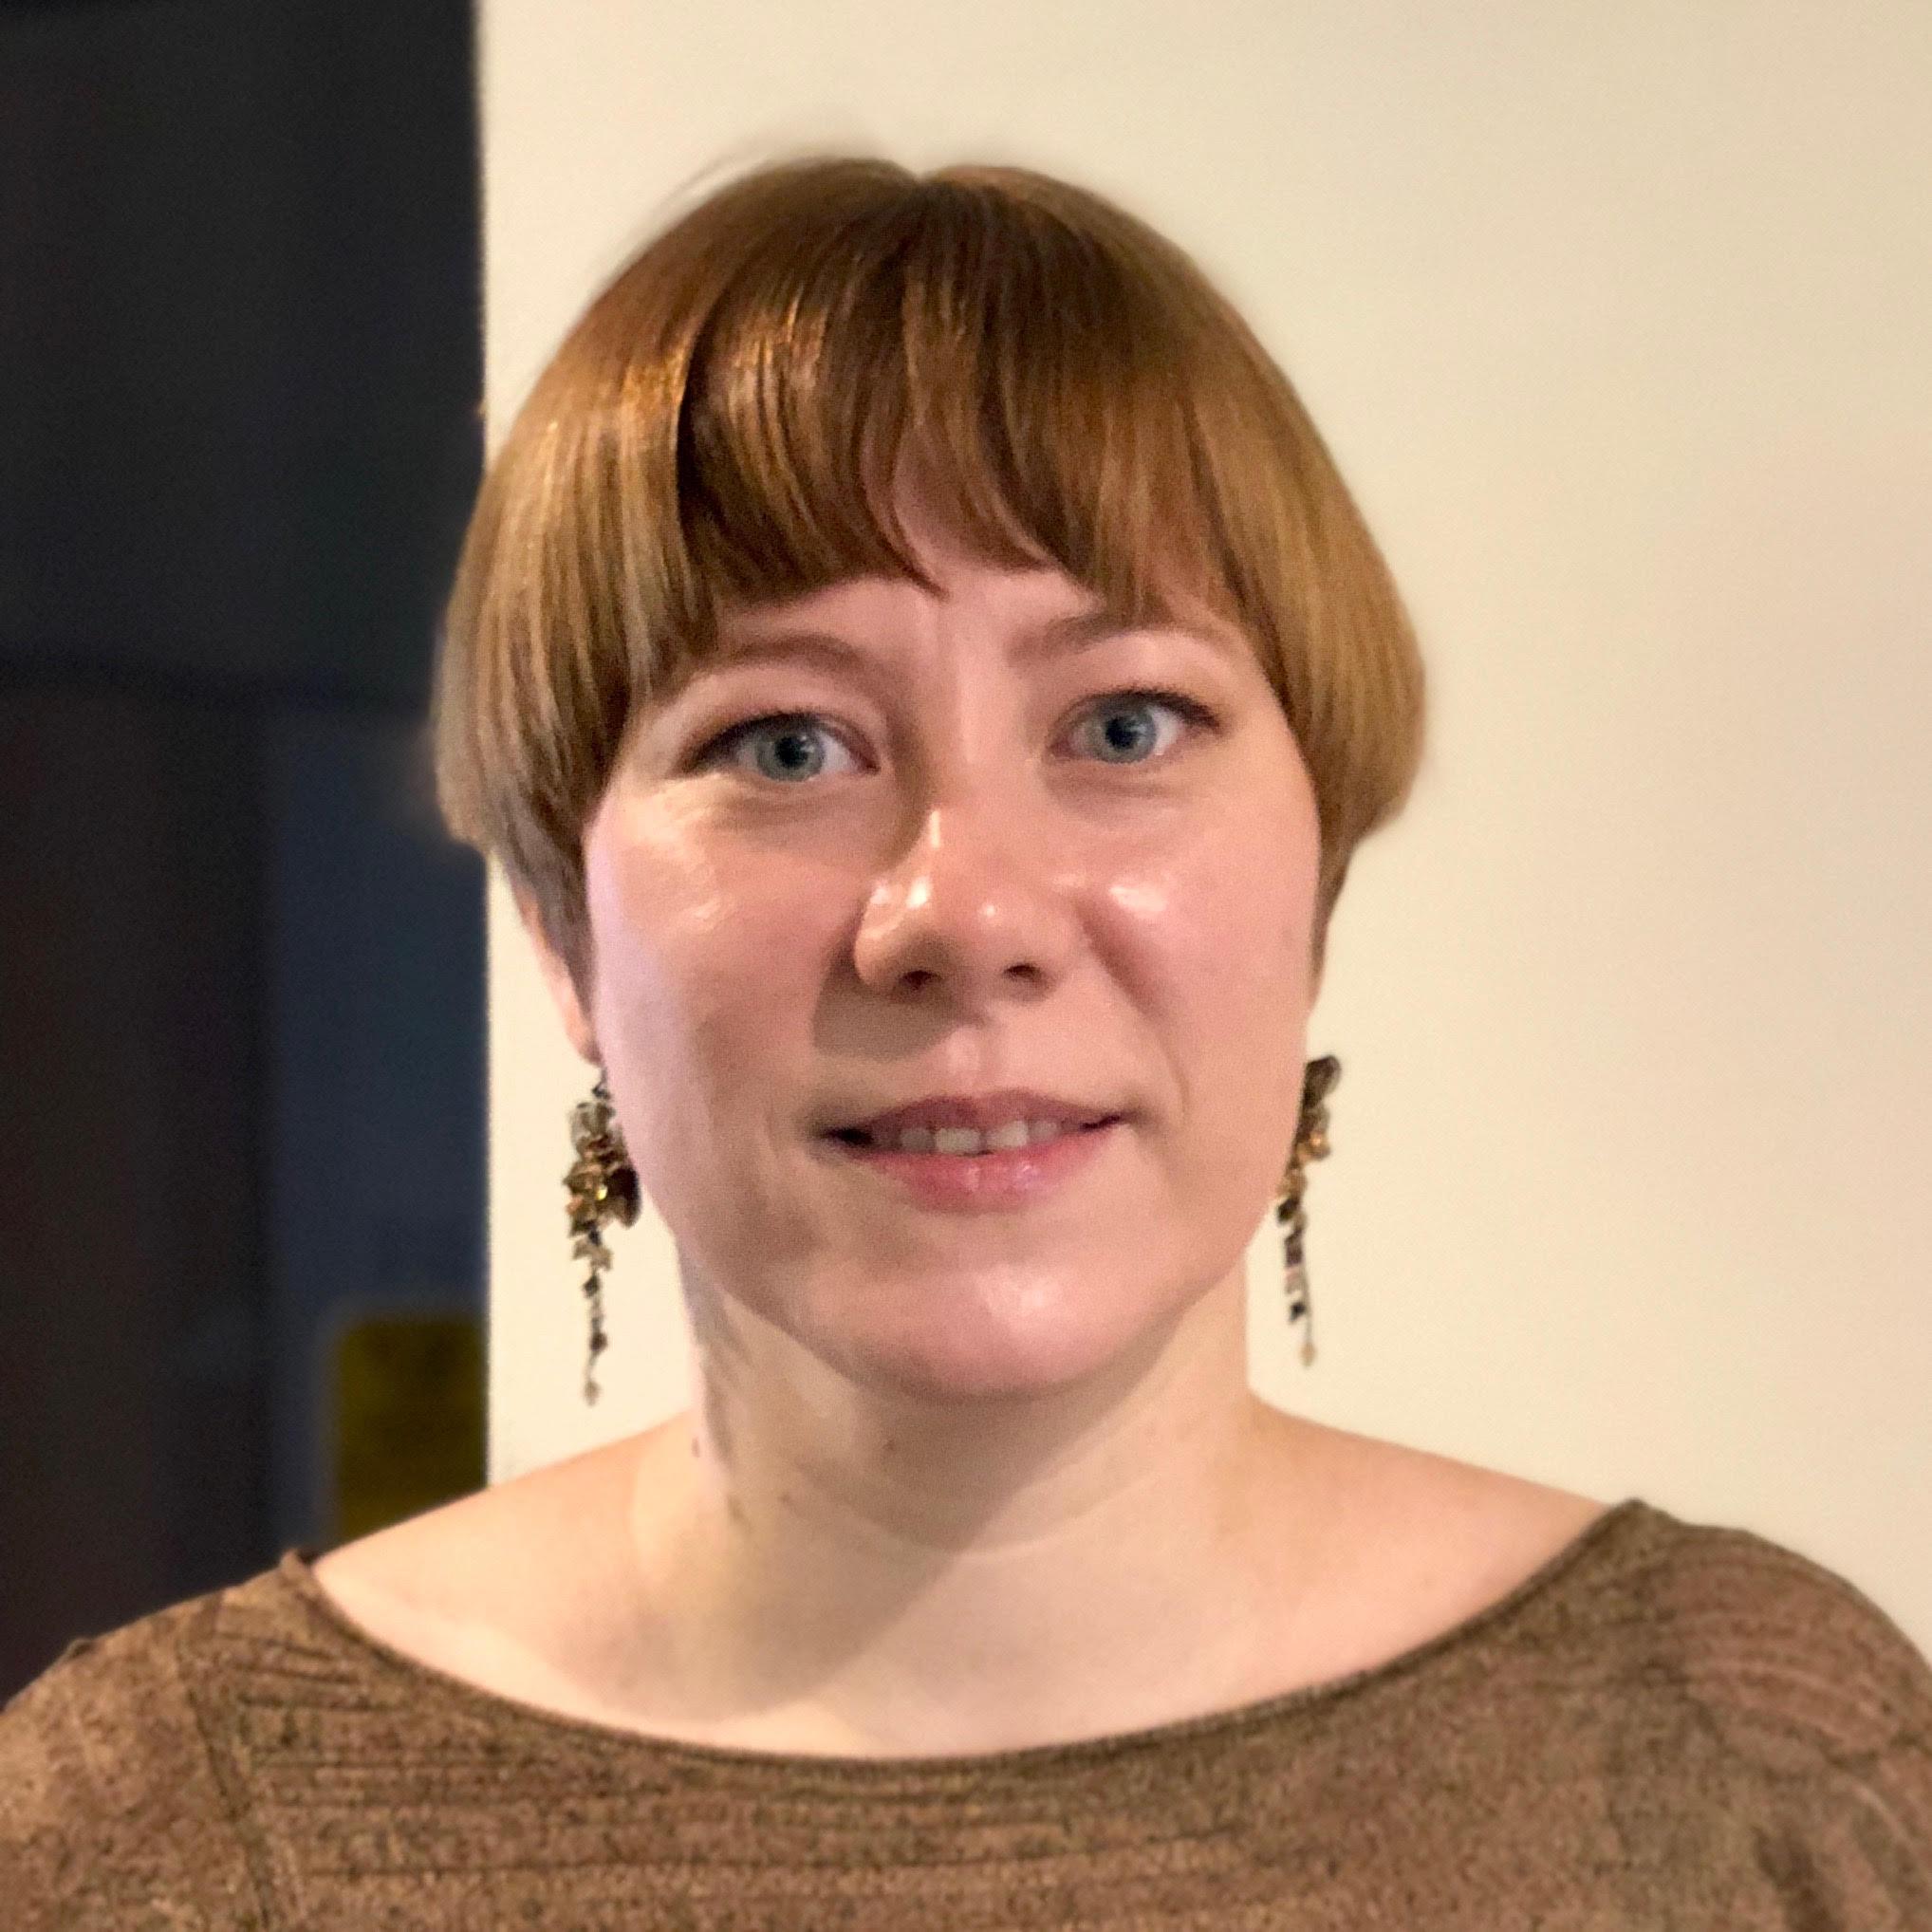 Olga Malyshevskaya